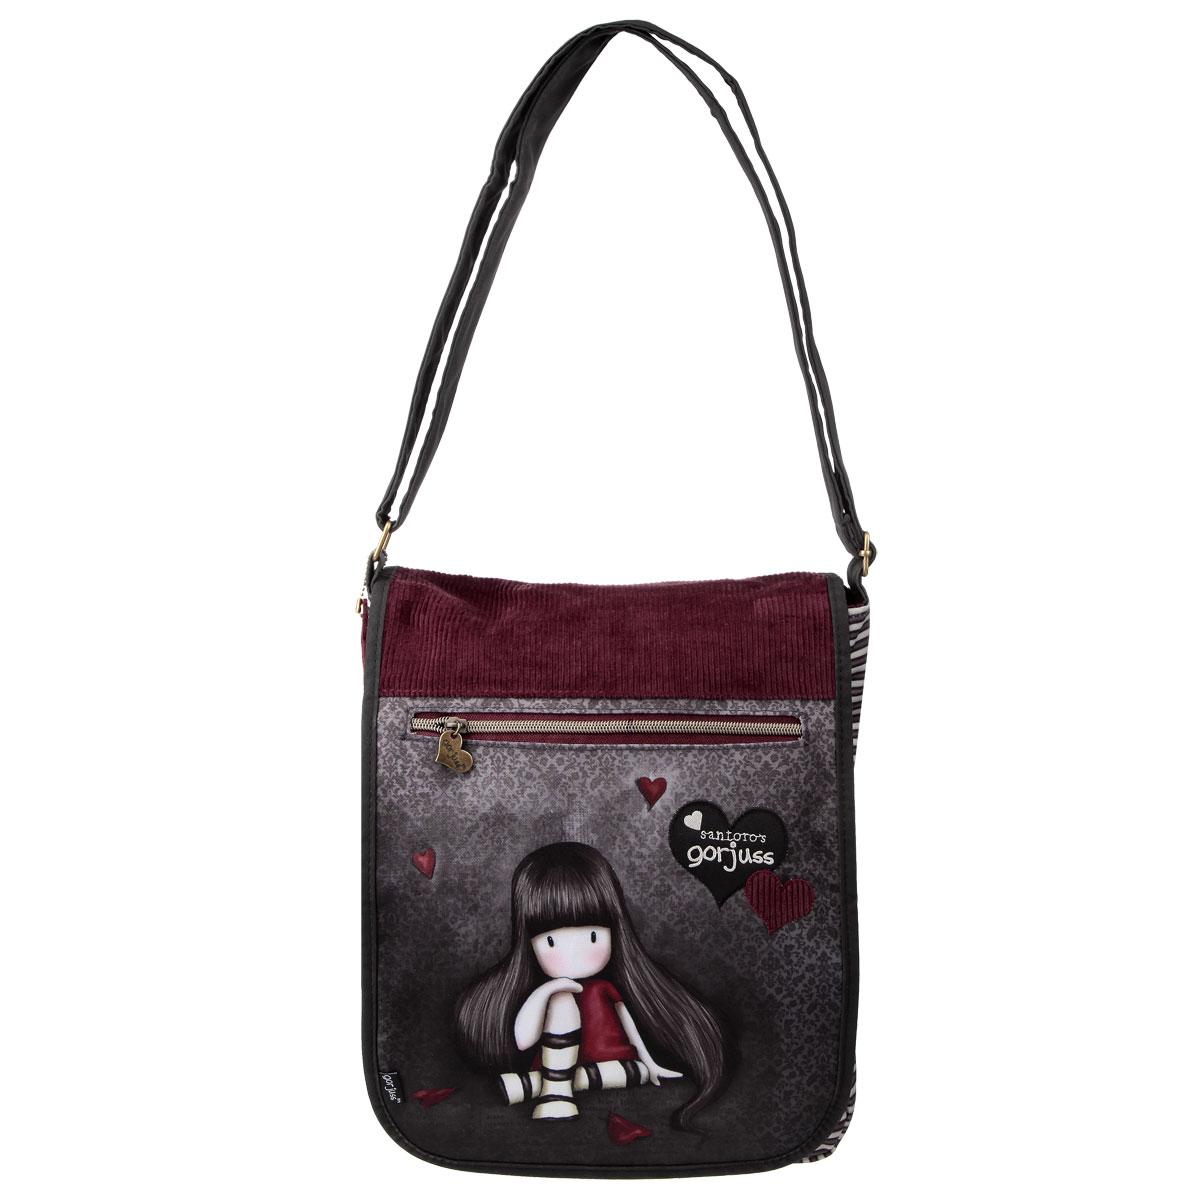 Сумка молодежная Santoro Gorjuss, цвет: серый, бордовый17932Оригинальная молодежная сумка Santoro Gorjuss прекрасно подойдет для учебы и повседневных дел. Стильная, легкая и удобная сумка с трогательным принтом станет незаменимым аксессуаром. Вместительное внутреннее отделение закрывается клапаном на липучке и молнией, в него поместятся все необходимые школьные принадлежности. На клапане расположен небольшой карман на молнии с металлическим замком в форме сердечка. Внутреннее отделение содержит дополнительный карман на молнии. Плотная и широкая лямка свободно регулируется по длине, что позволяет носить сумку школьникам разного возраста. Лаконичный и сдержанный дизайн подчеркнет индивидуальность и порадует своей функциональностью.